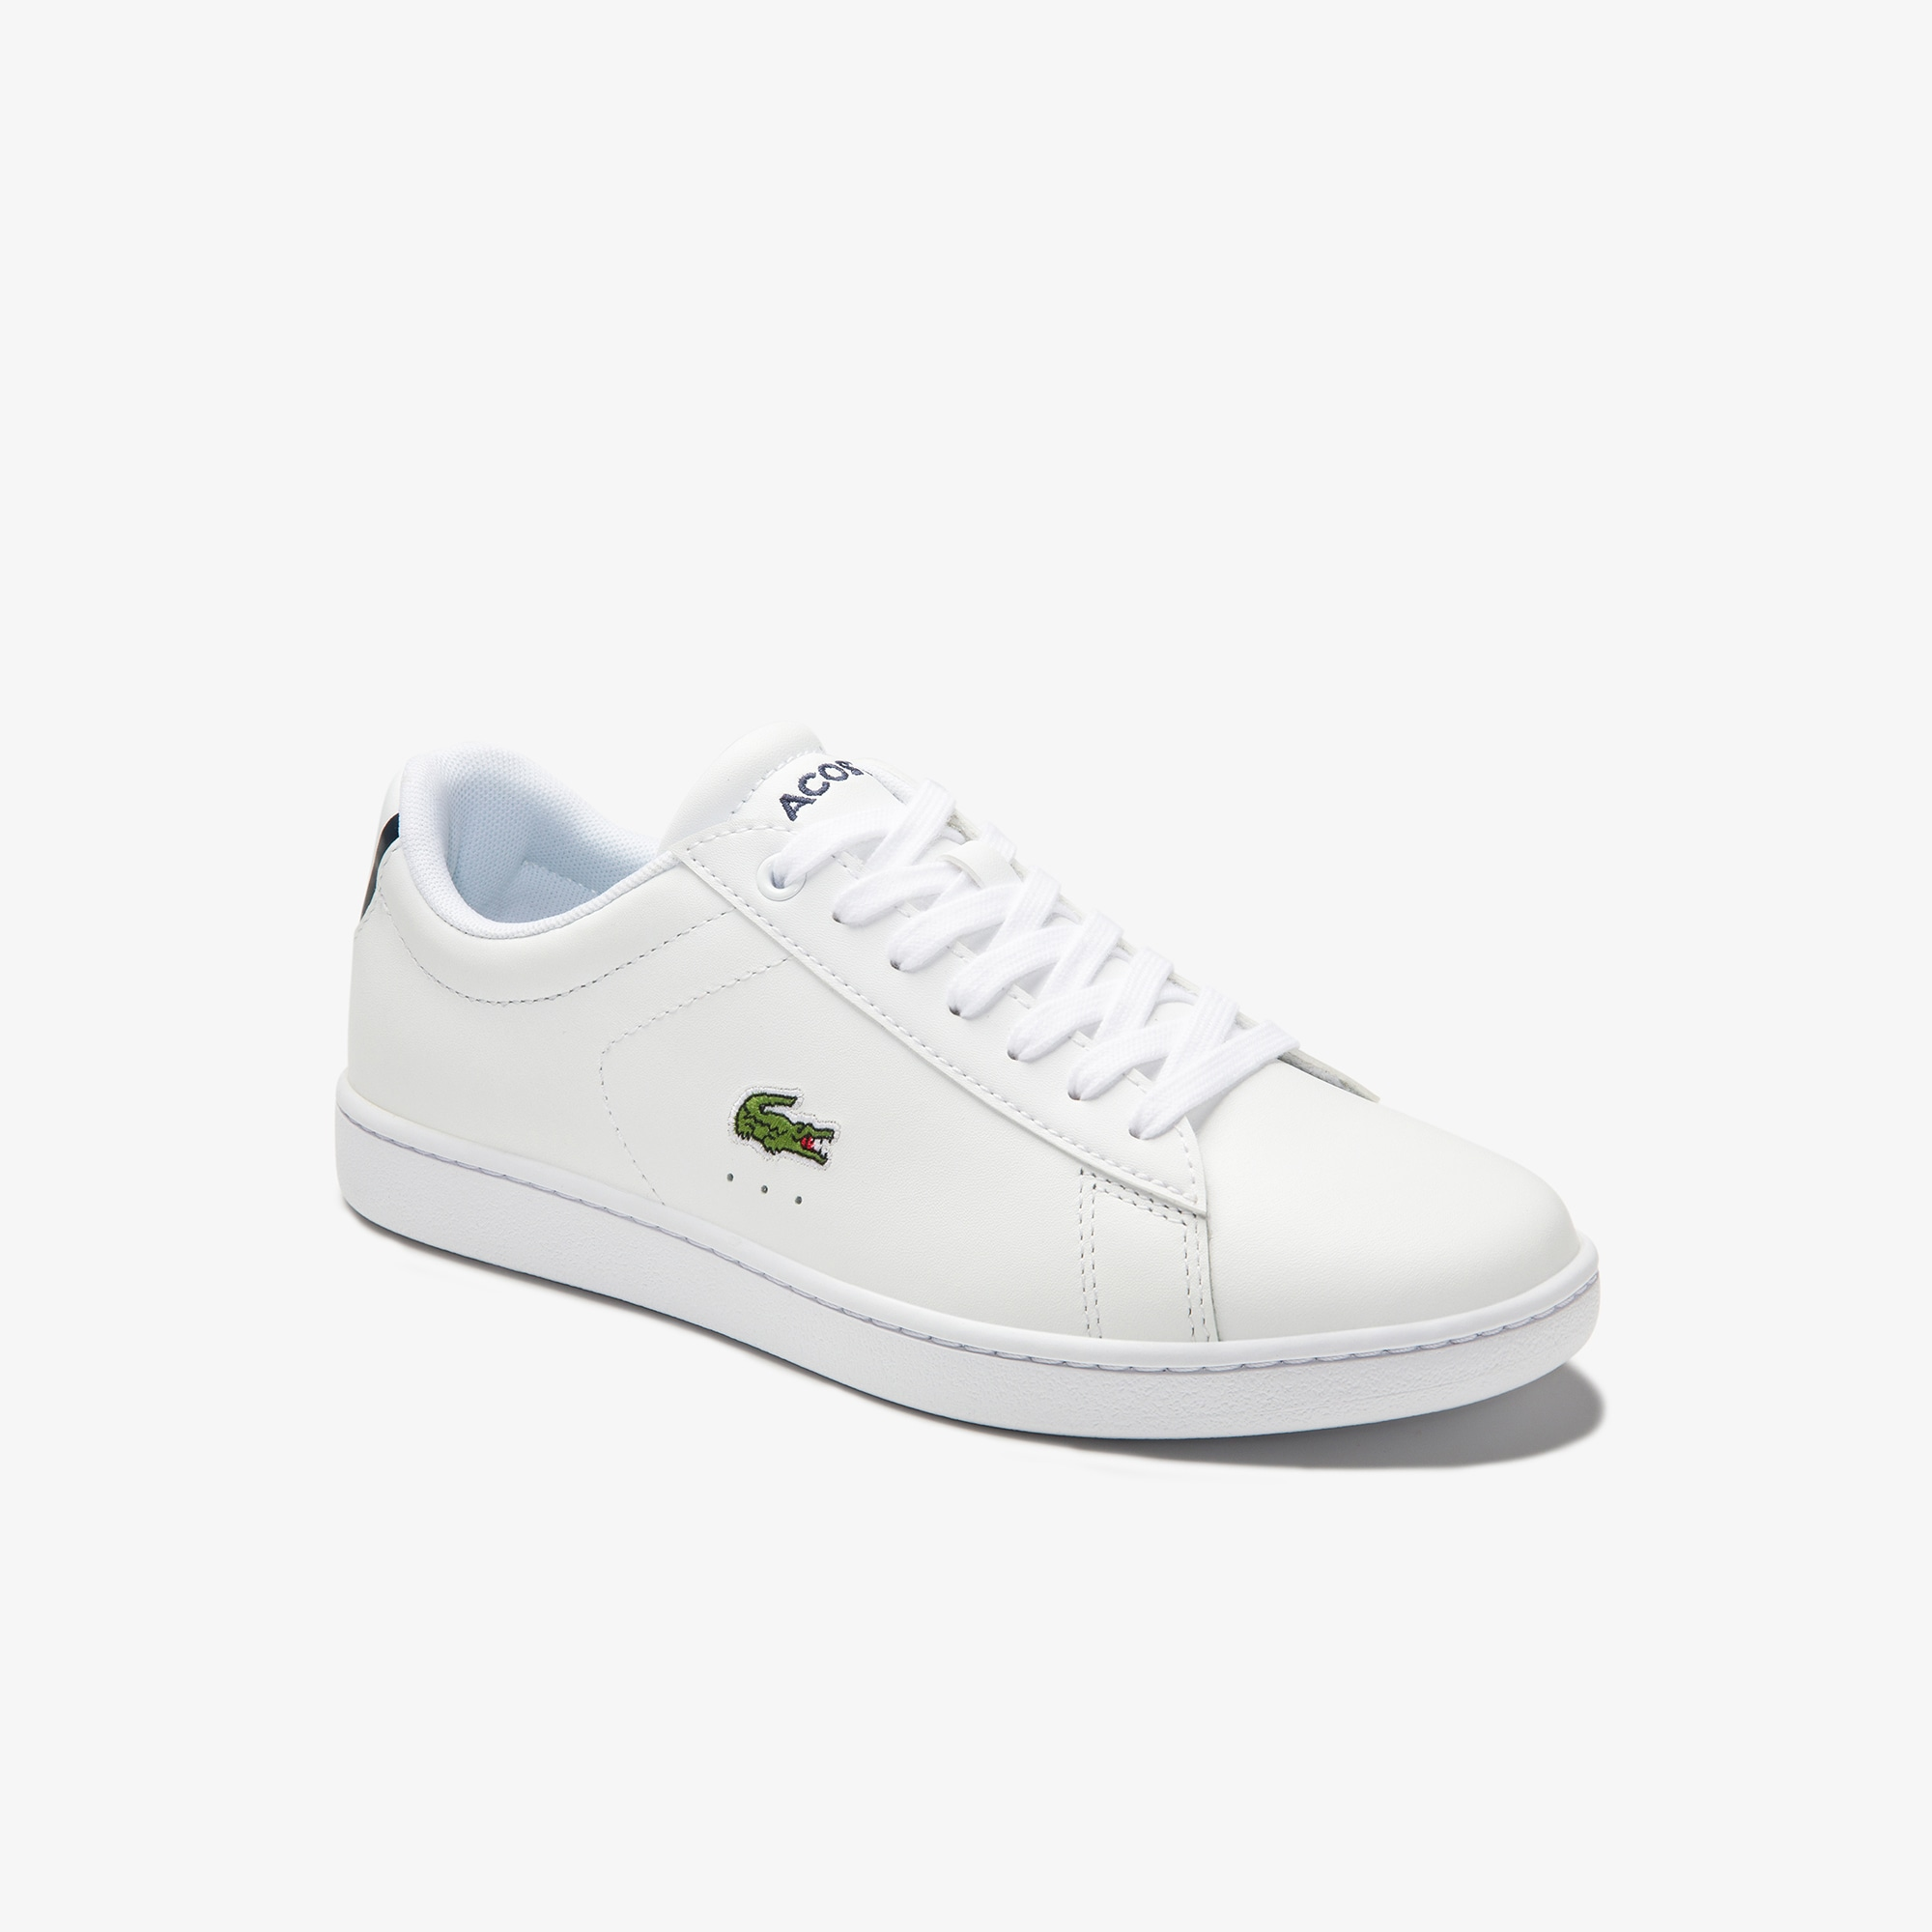 Carnaby Evo-sneakers dames meshvoering van leer